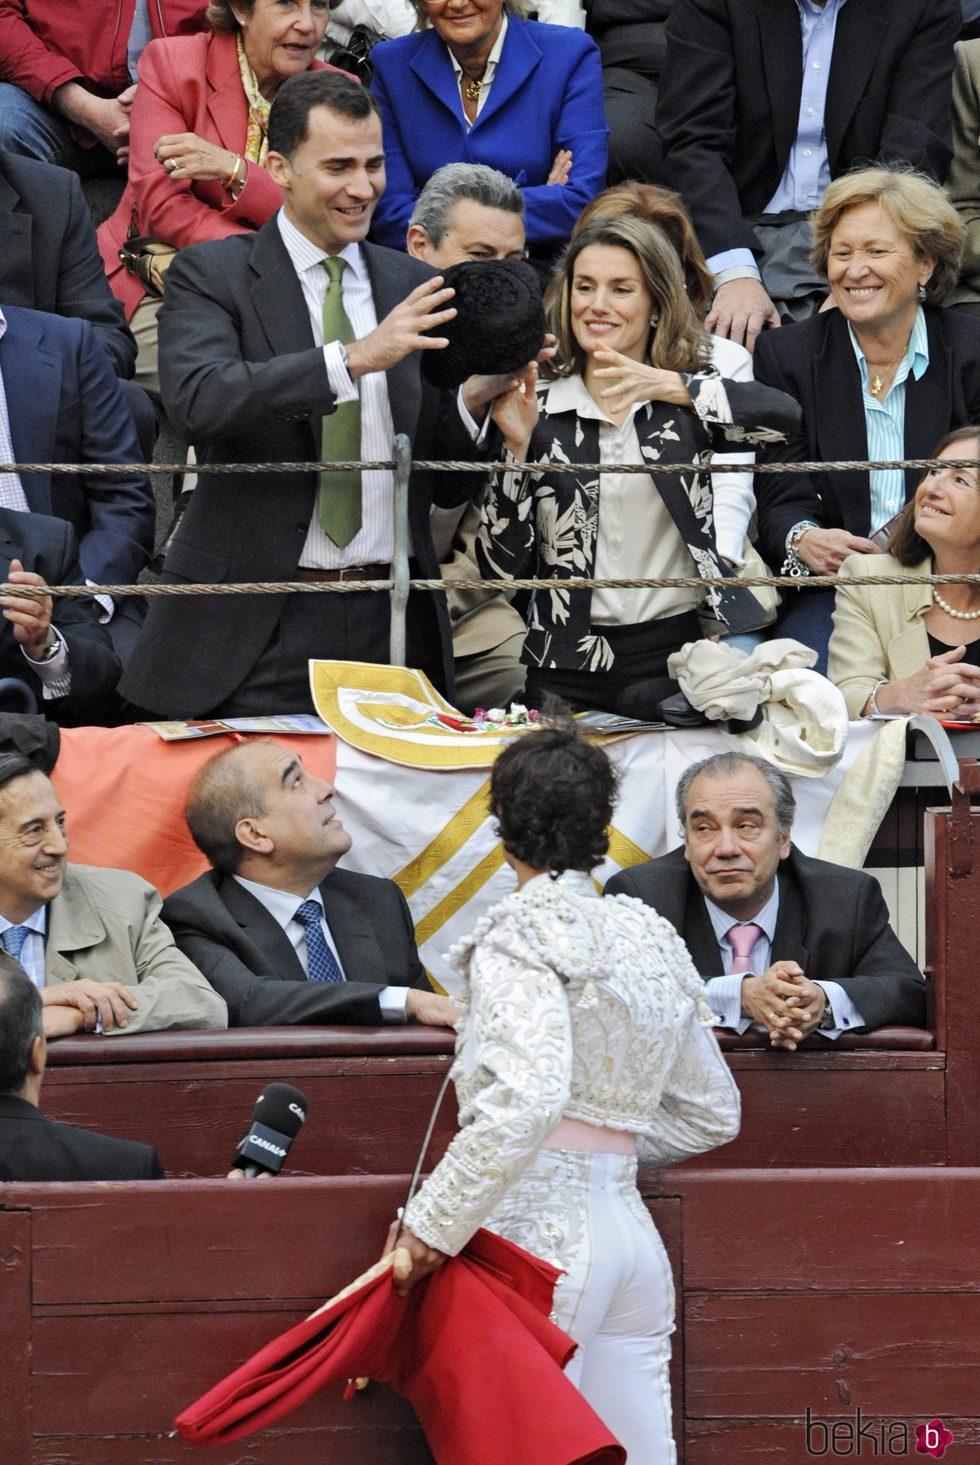 Los Reyes Felipe y Letizia reciben la montera de Miguel Abellán en Las Ventas